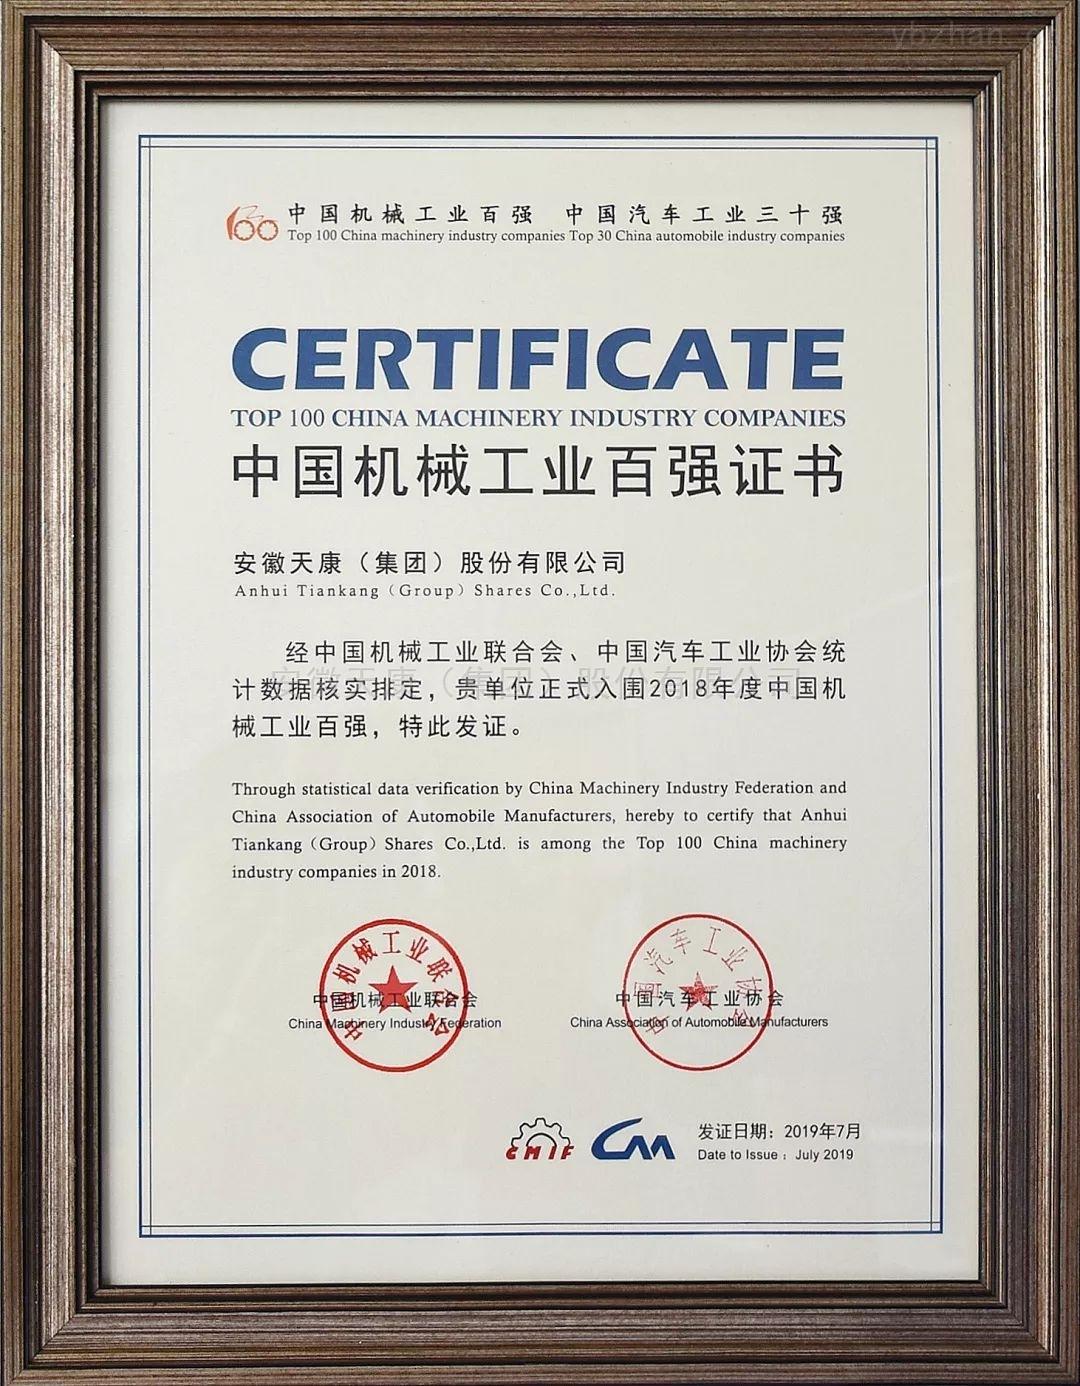 中国机械工业行业百强,汽车工业三十强